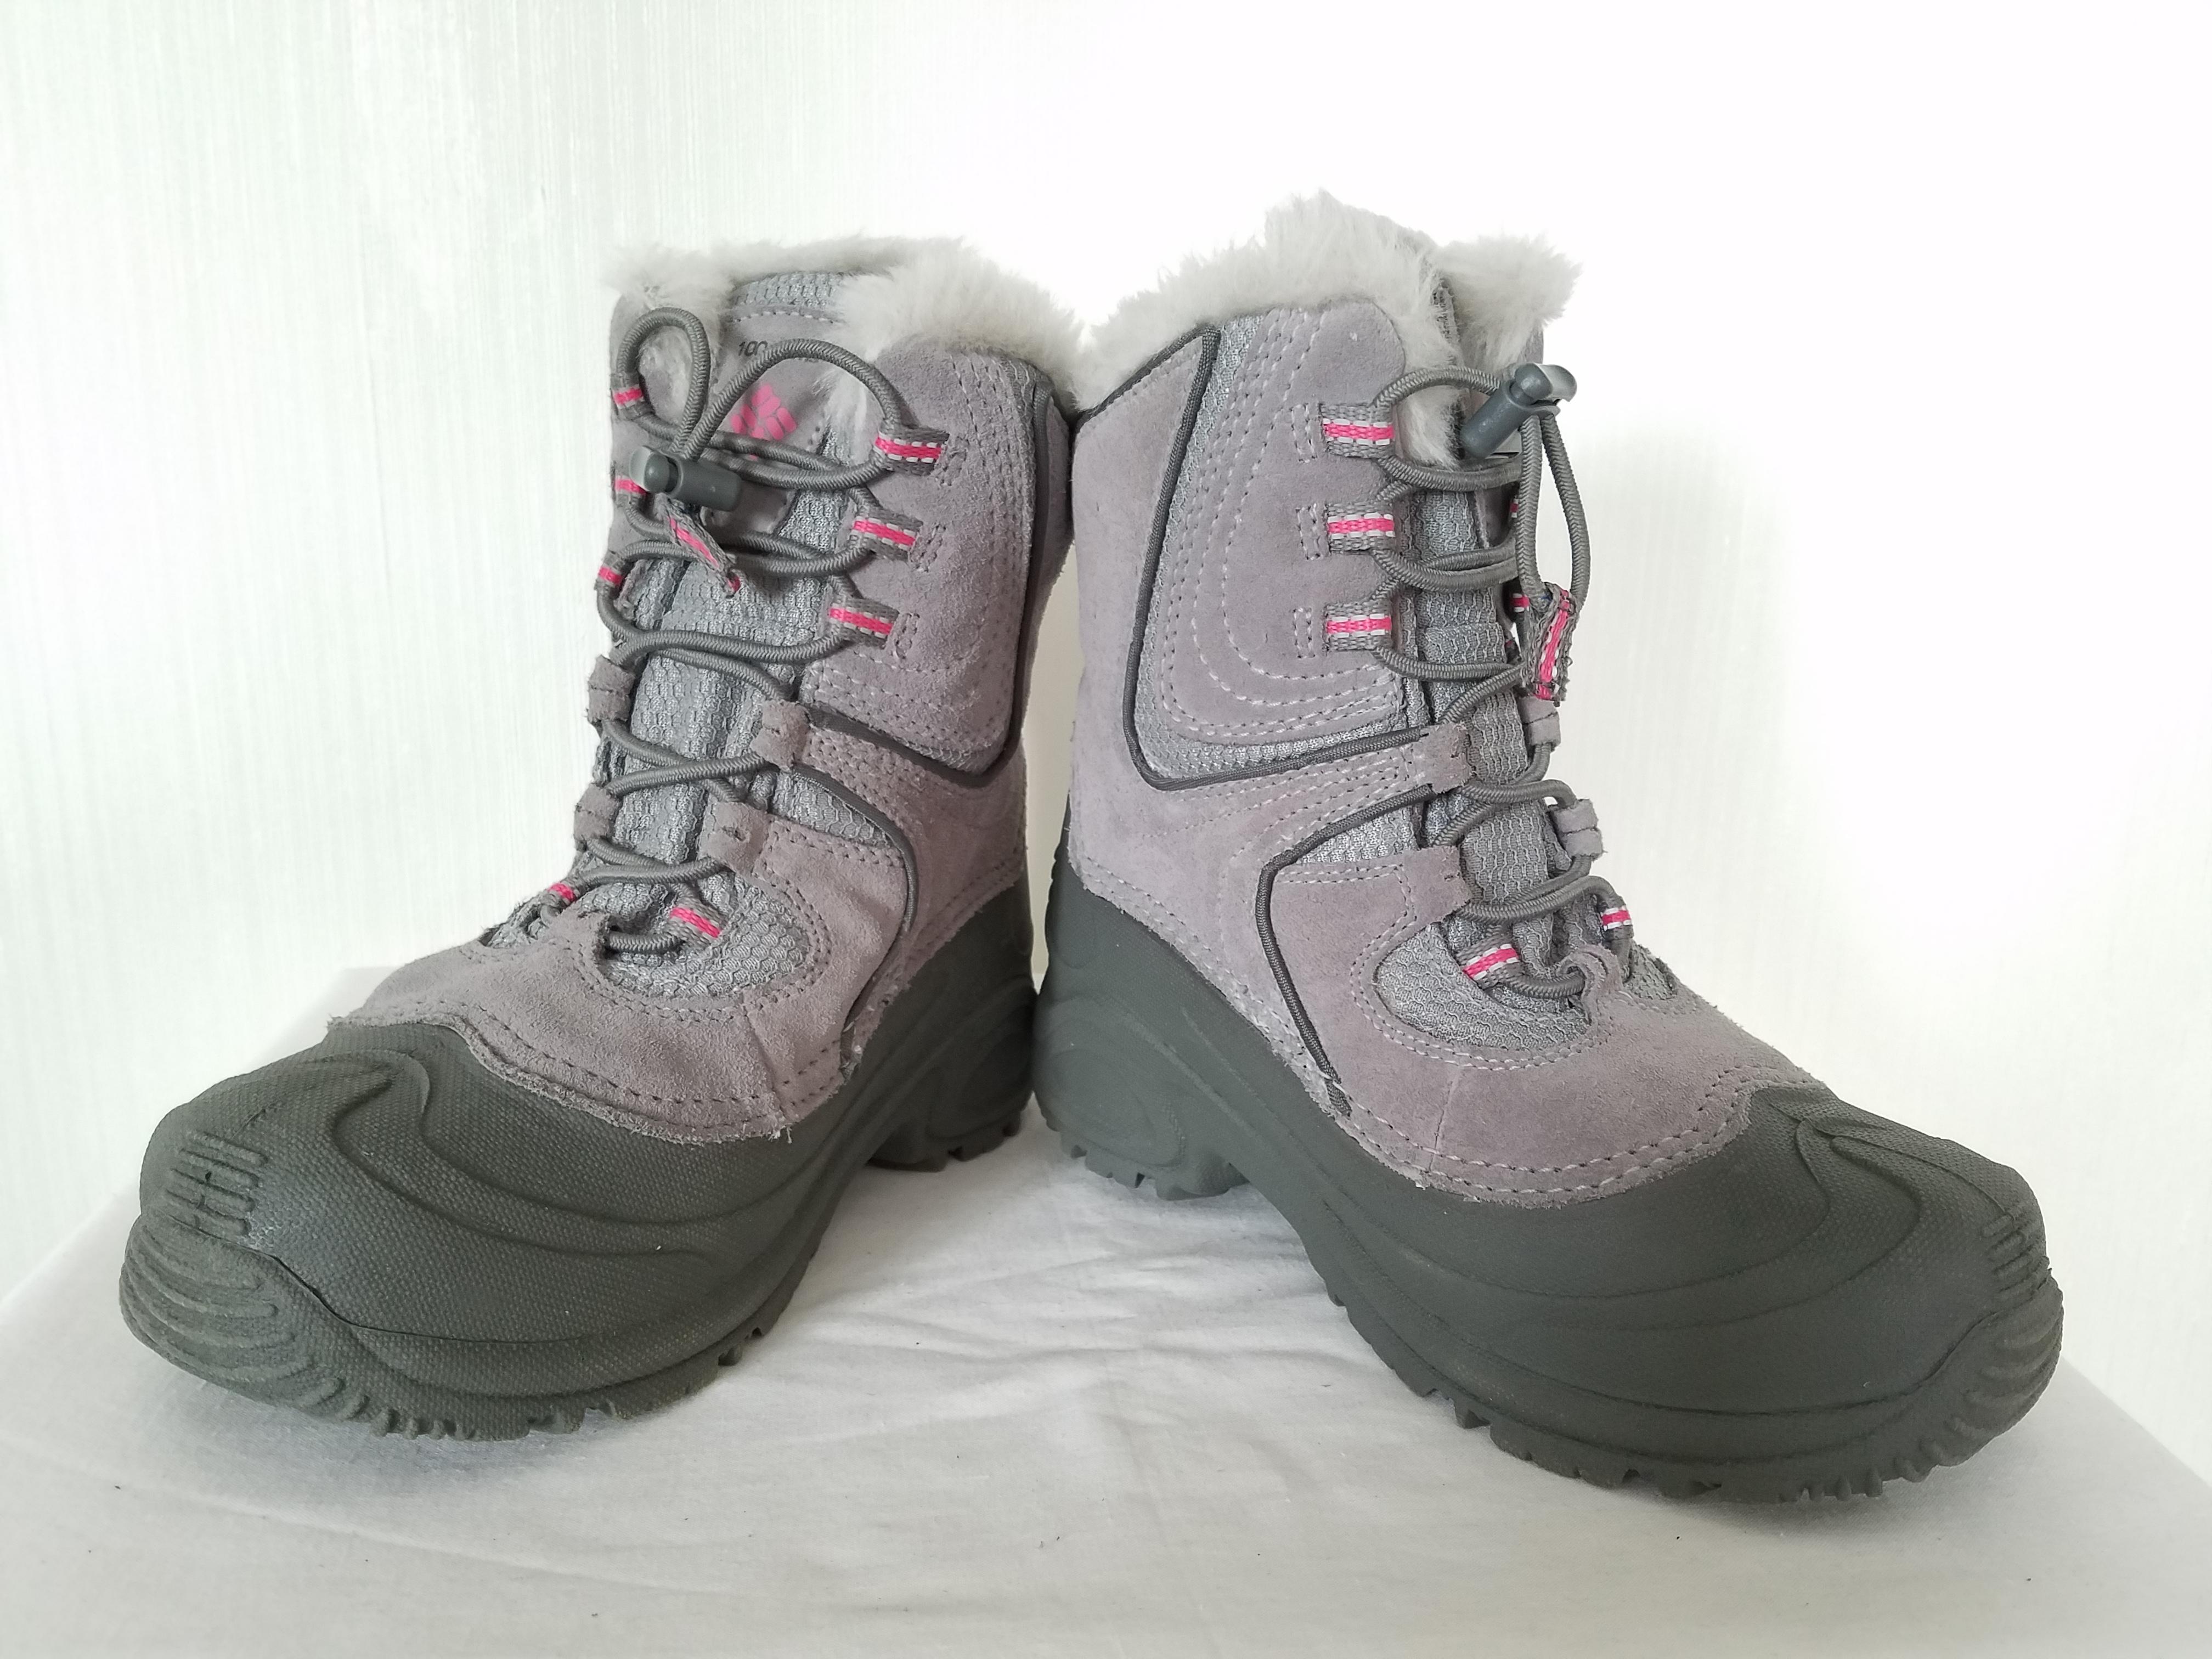 Обувь   Сапоги зимние детские Columbia ,размер 33   Vprikide 74e9b405e59